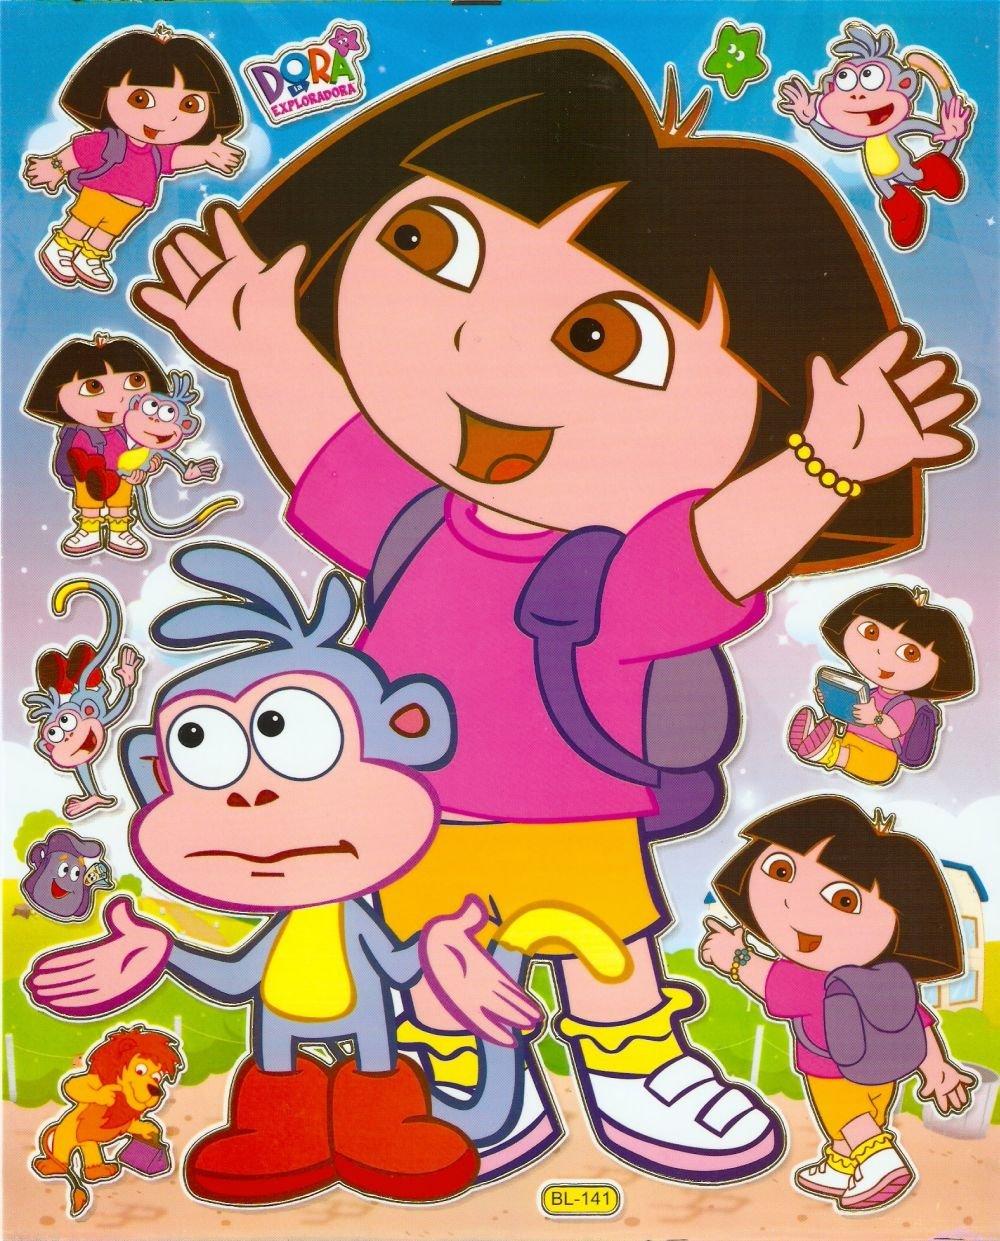 10 Big sheets Dora Sticker Buy 2 lots Bonus 1 #DOR BL141